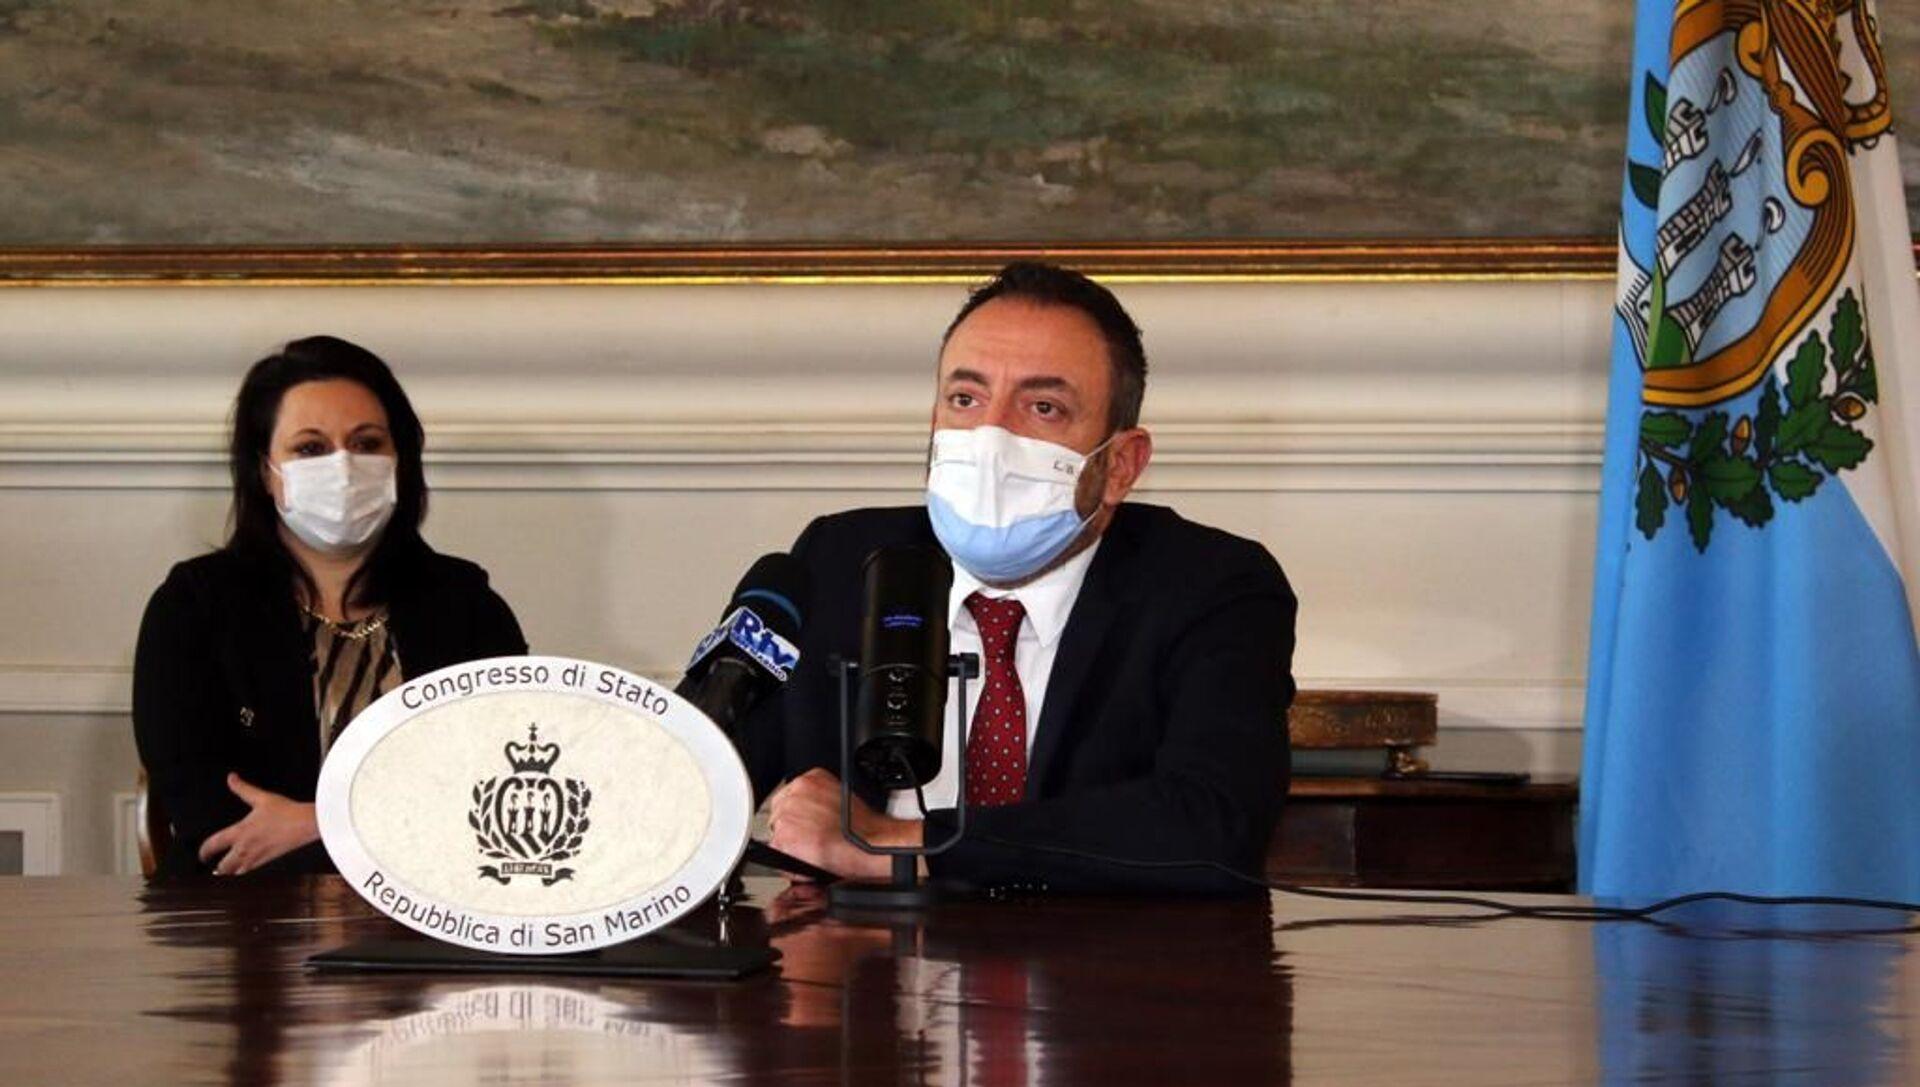 """Esclusiva, Beccari (San Marino): """"Battaglia contro la pandemia fuori dalla geopolitica"""" - Sputnik Italia, 1920, 22.02.2021"""